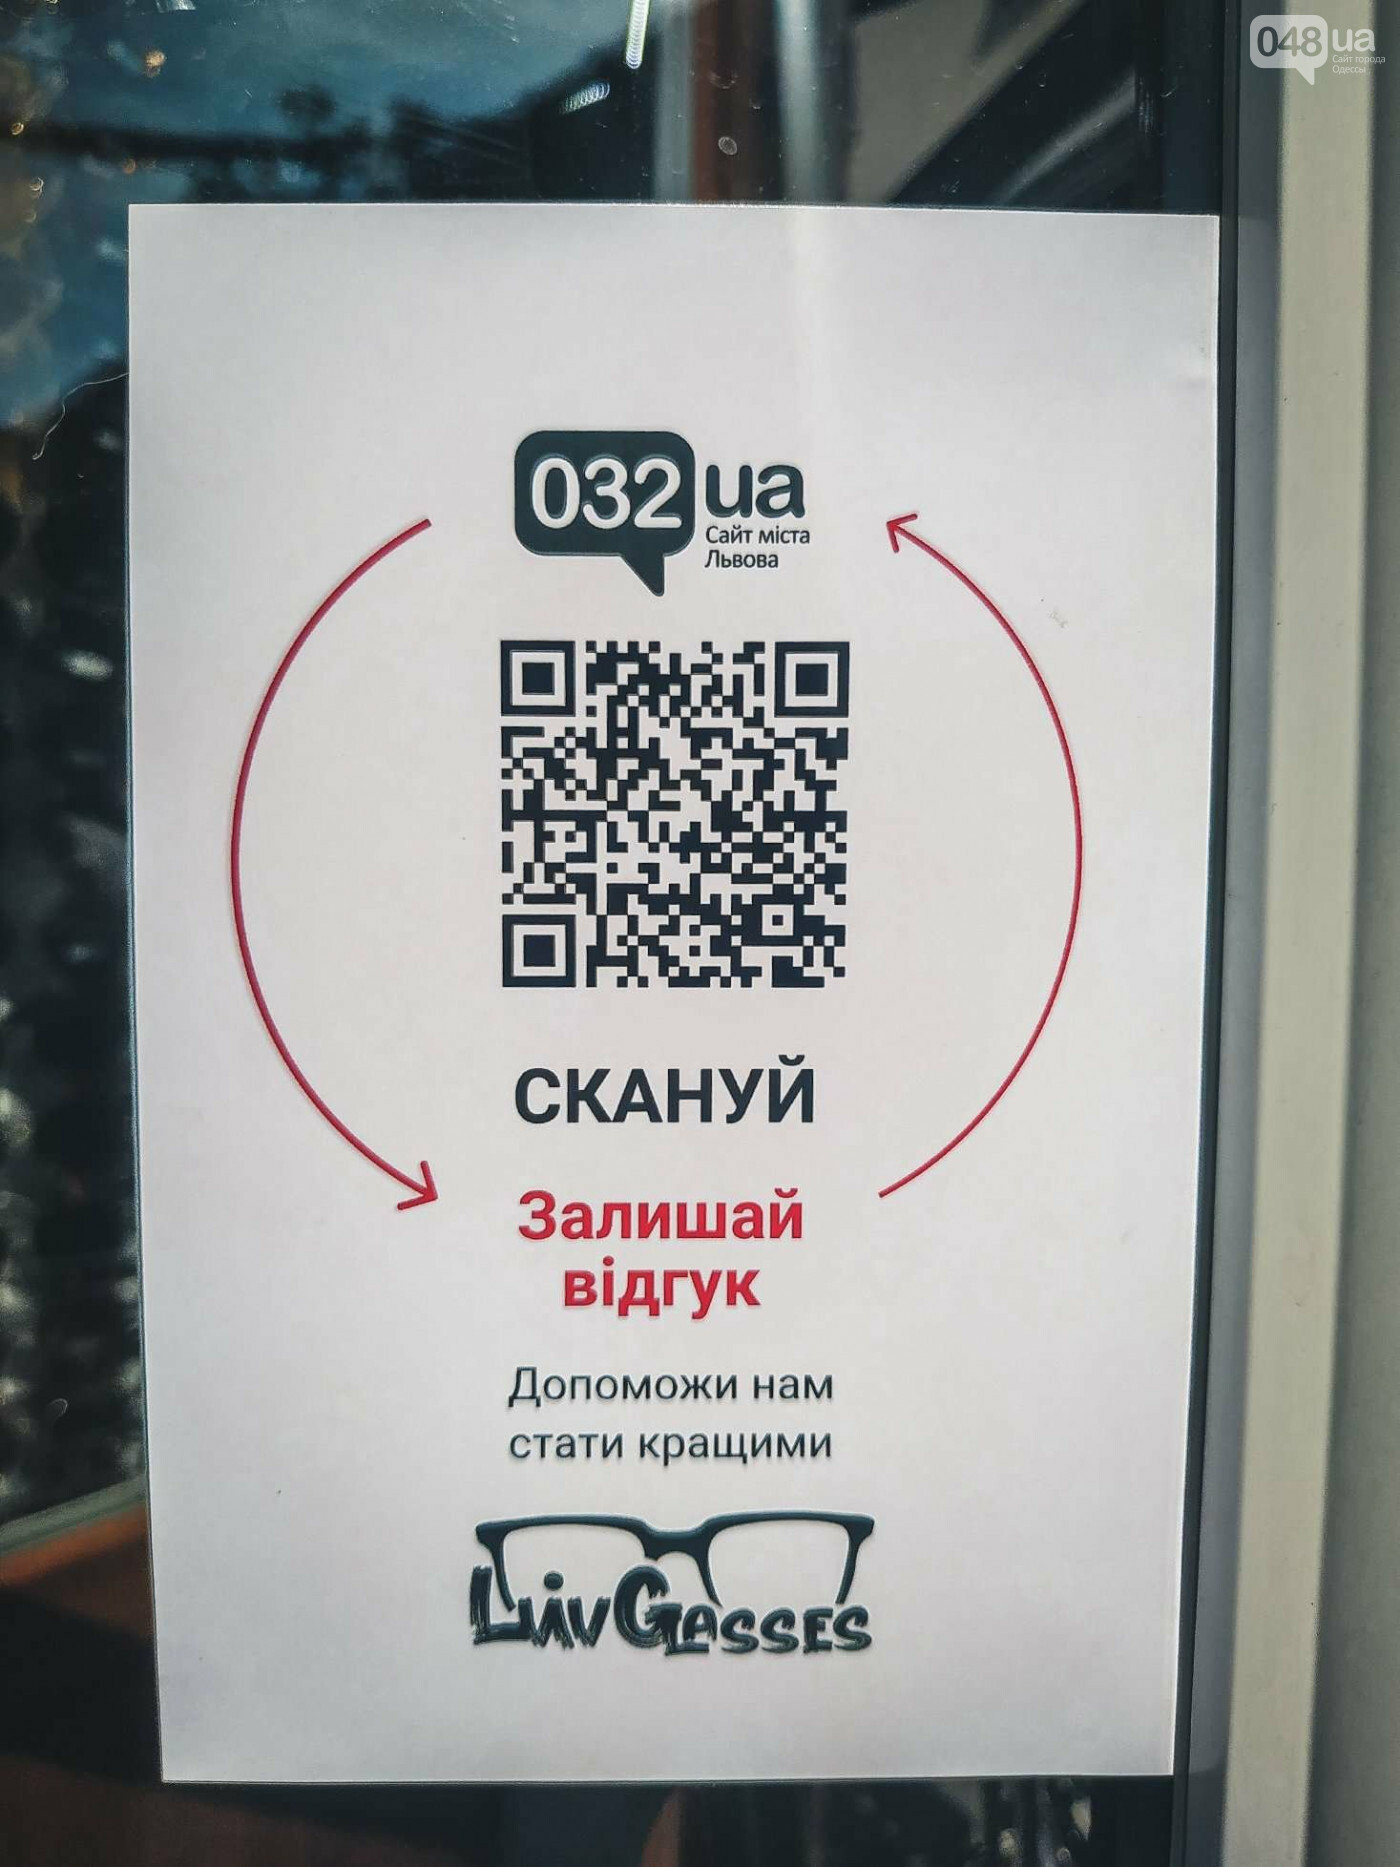 Сайт 048 запустил новую услугу – QR-ревизор: как это работает, фото-11